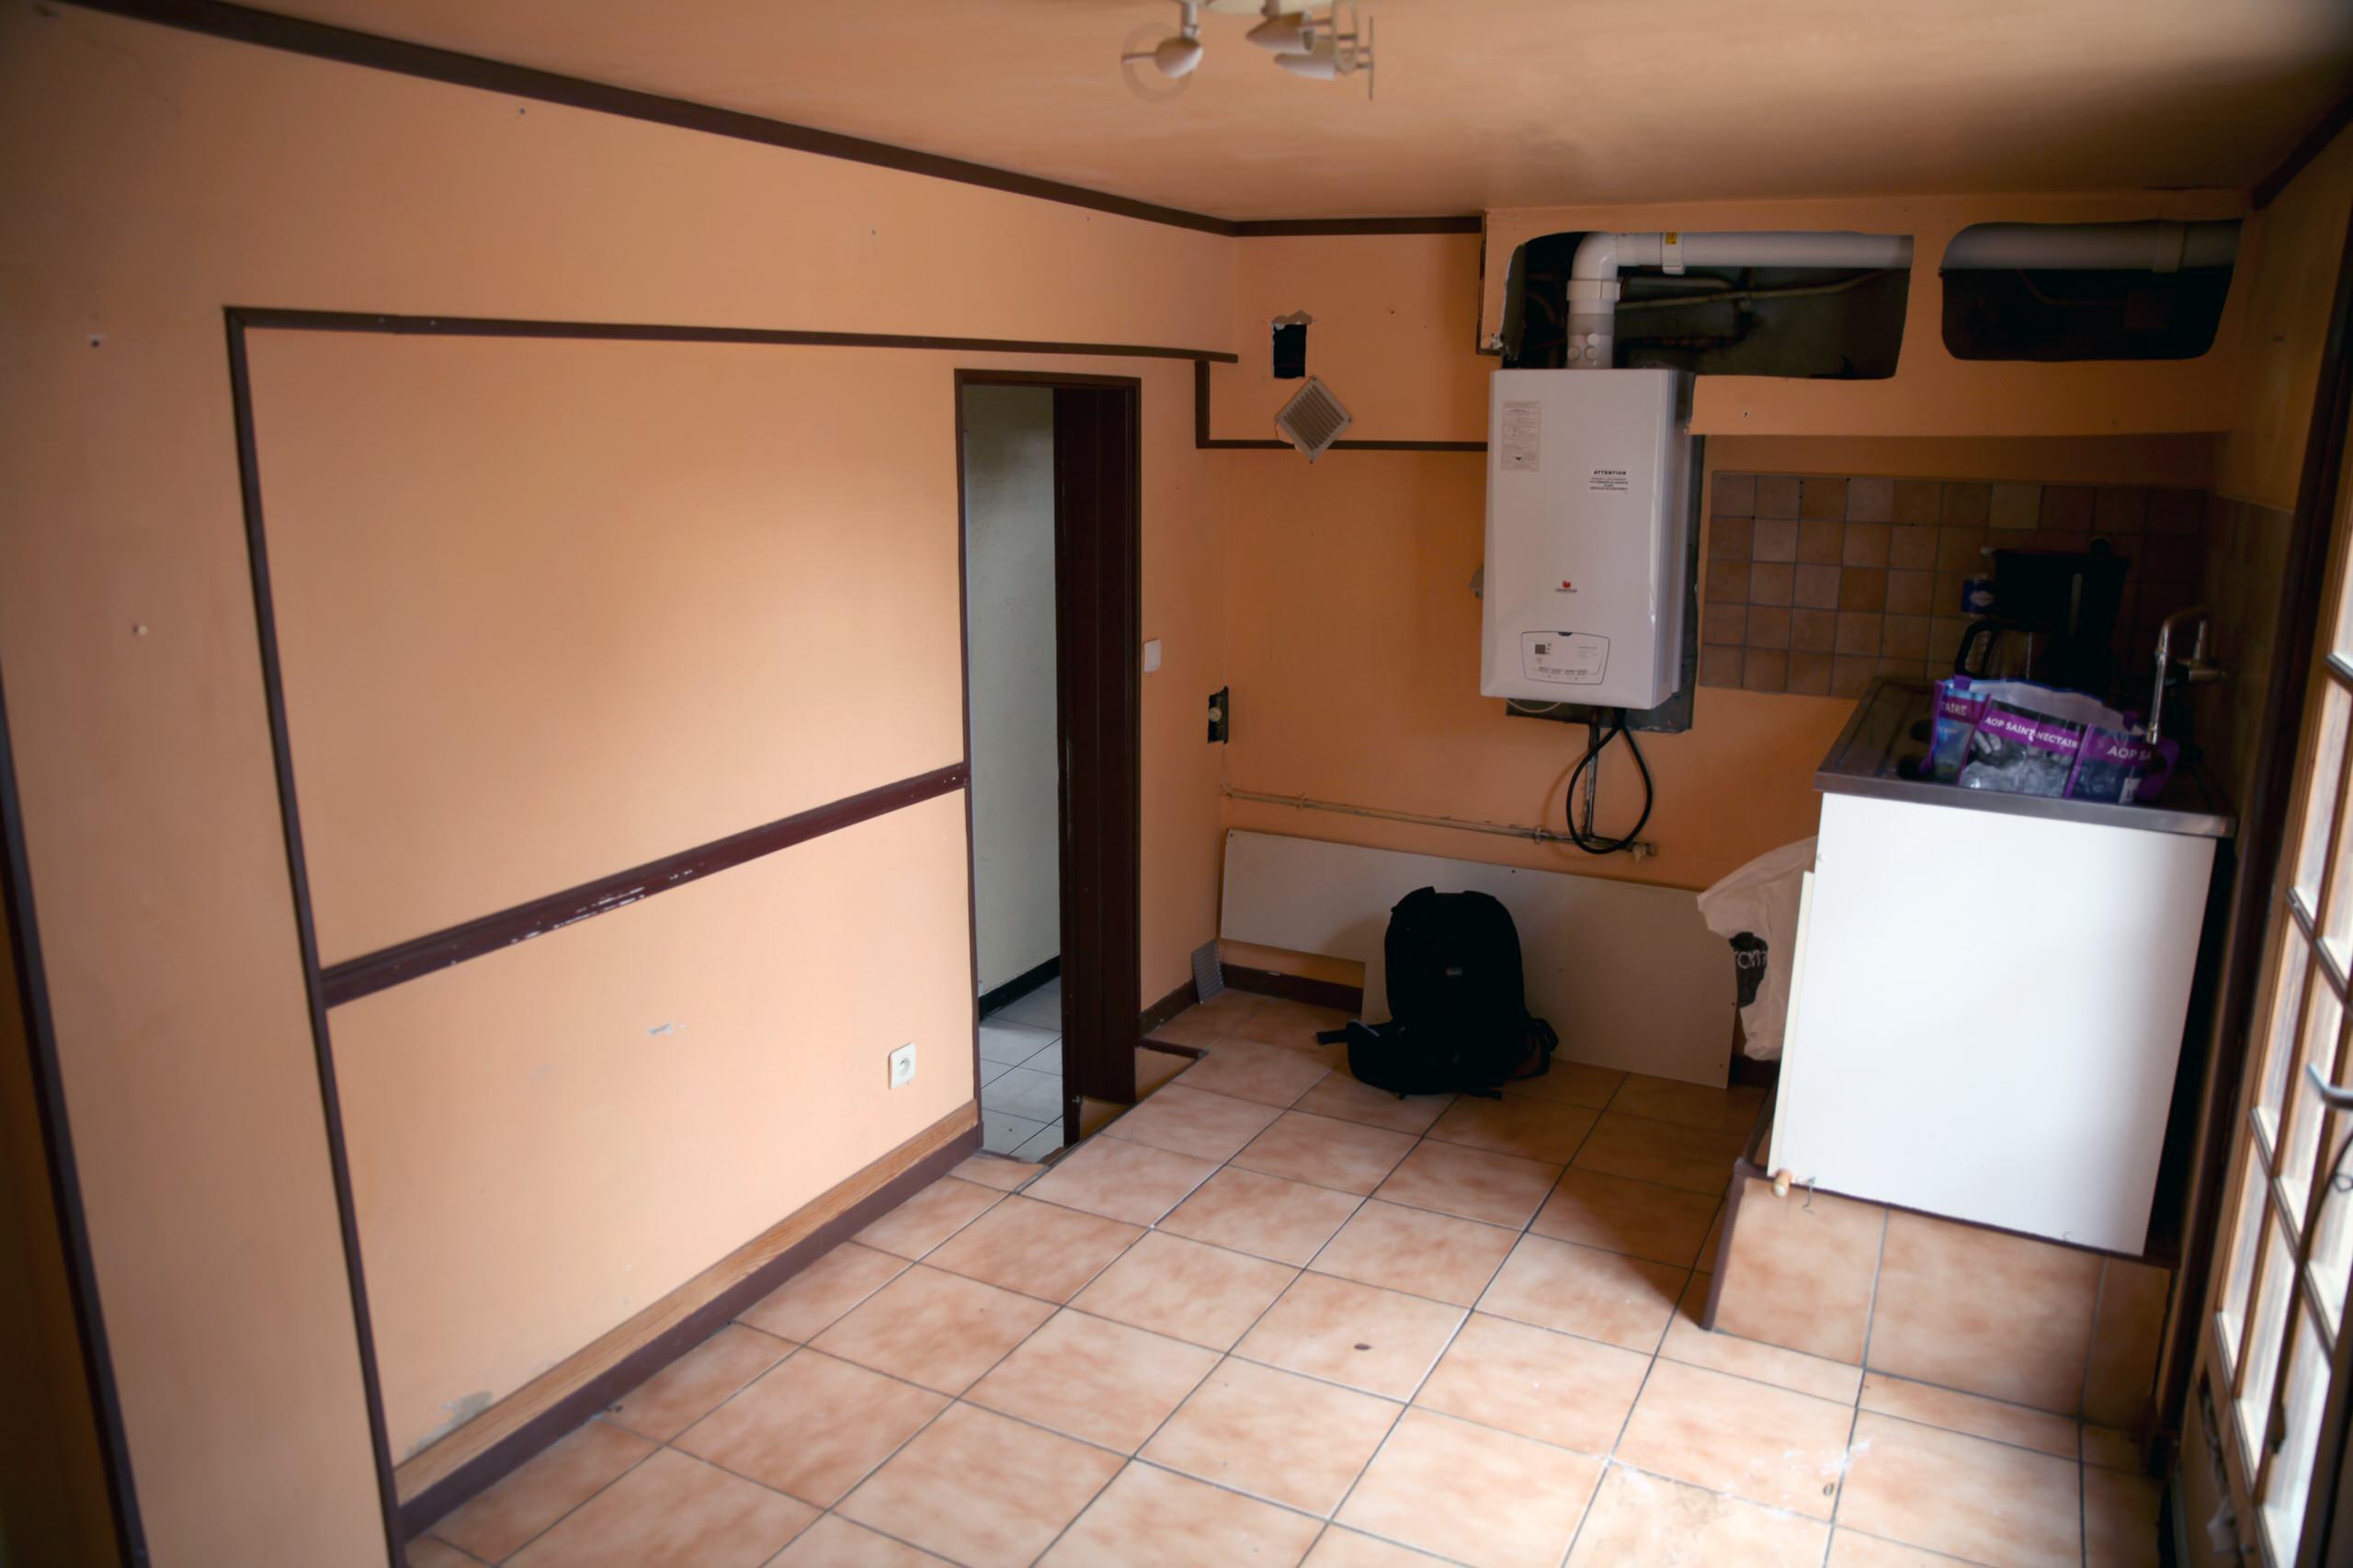 Maison FR - Rénovation d'une maison individuelle